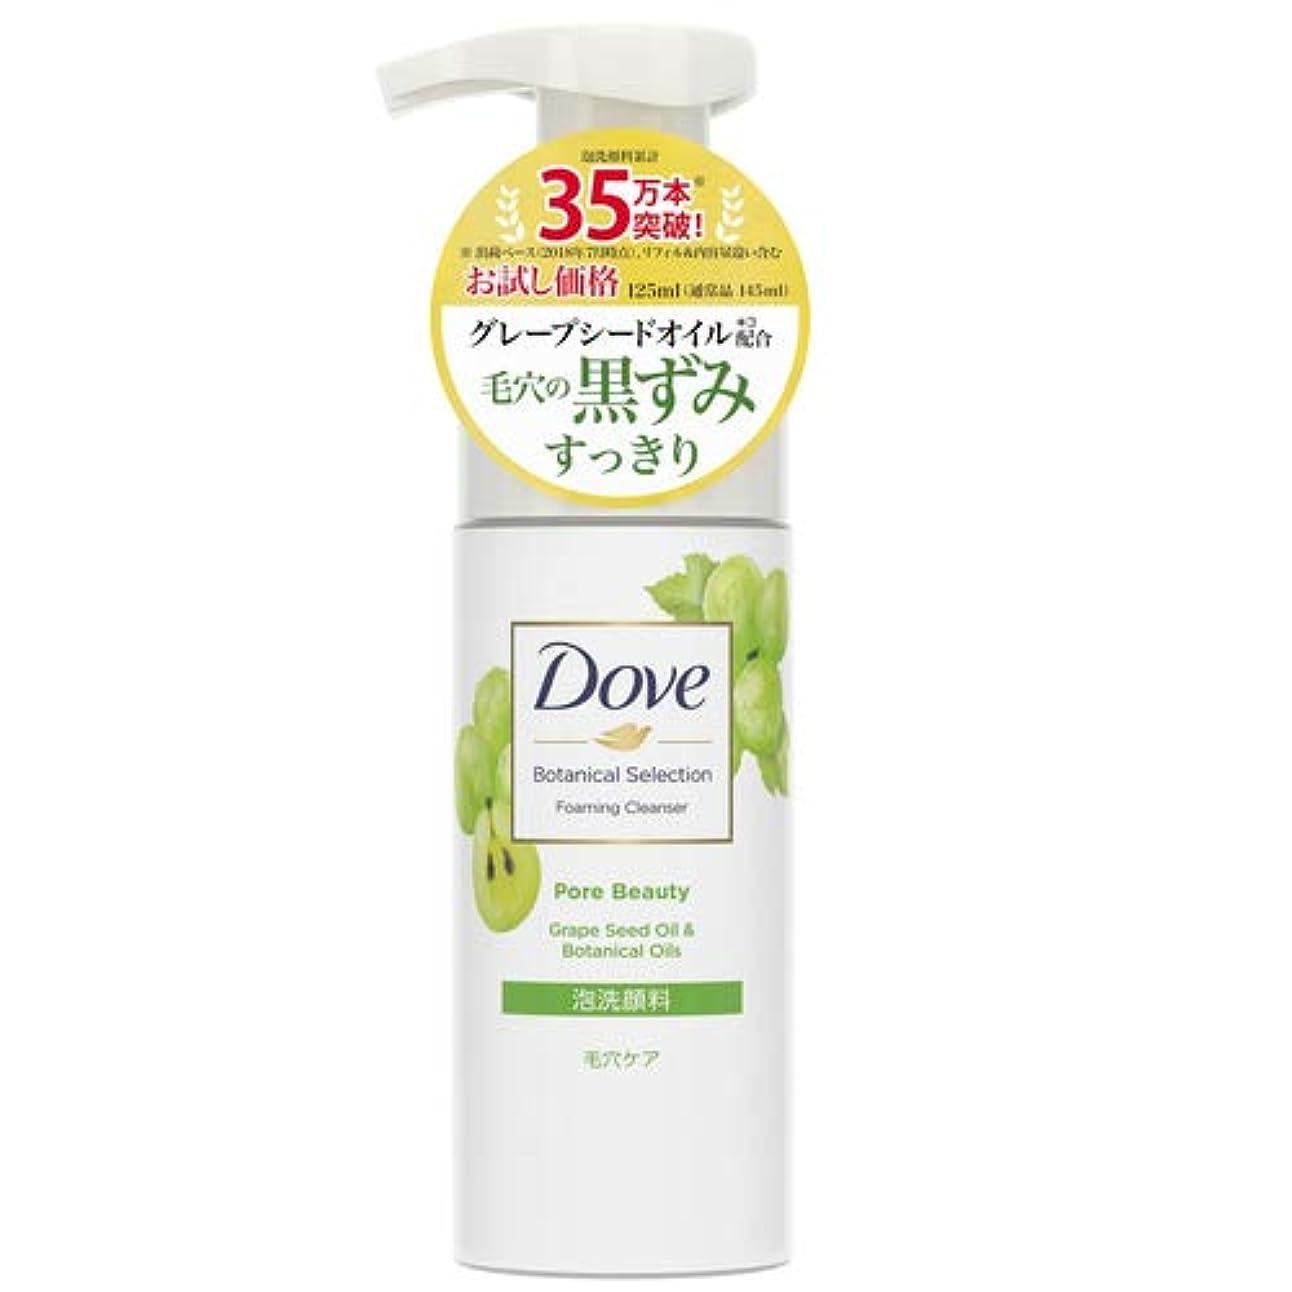 存在するキャンパス事業内容ダヴボタニカル ポアビューティー泡洗顔お試し価格品125ml